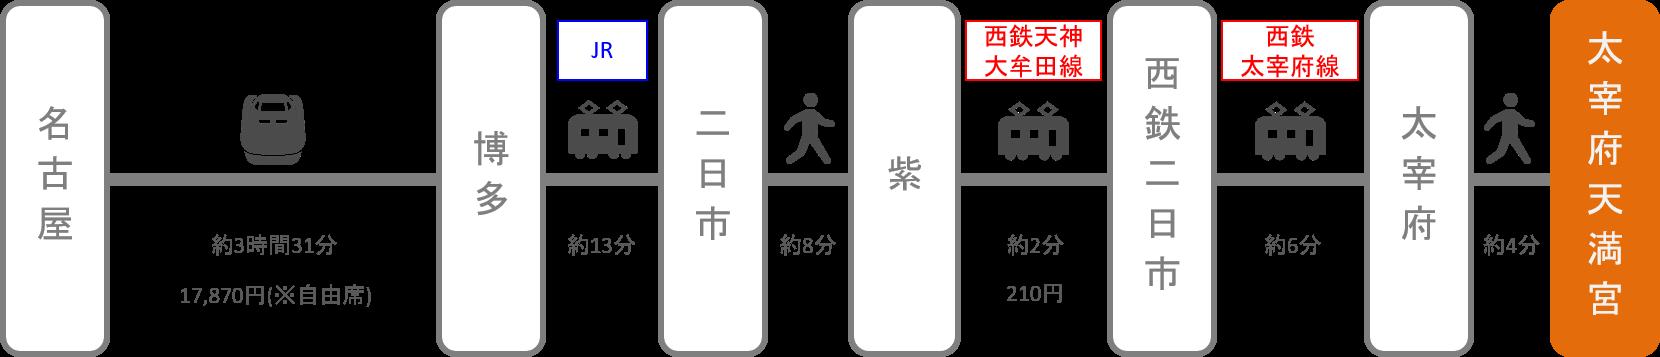 太宰府天満宮_名古屋(愛知)_新幹線